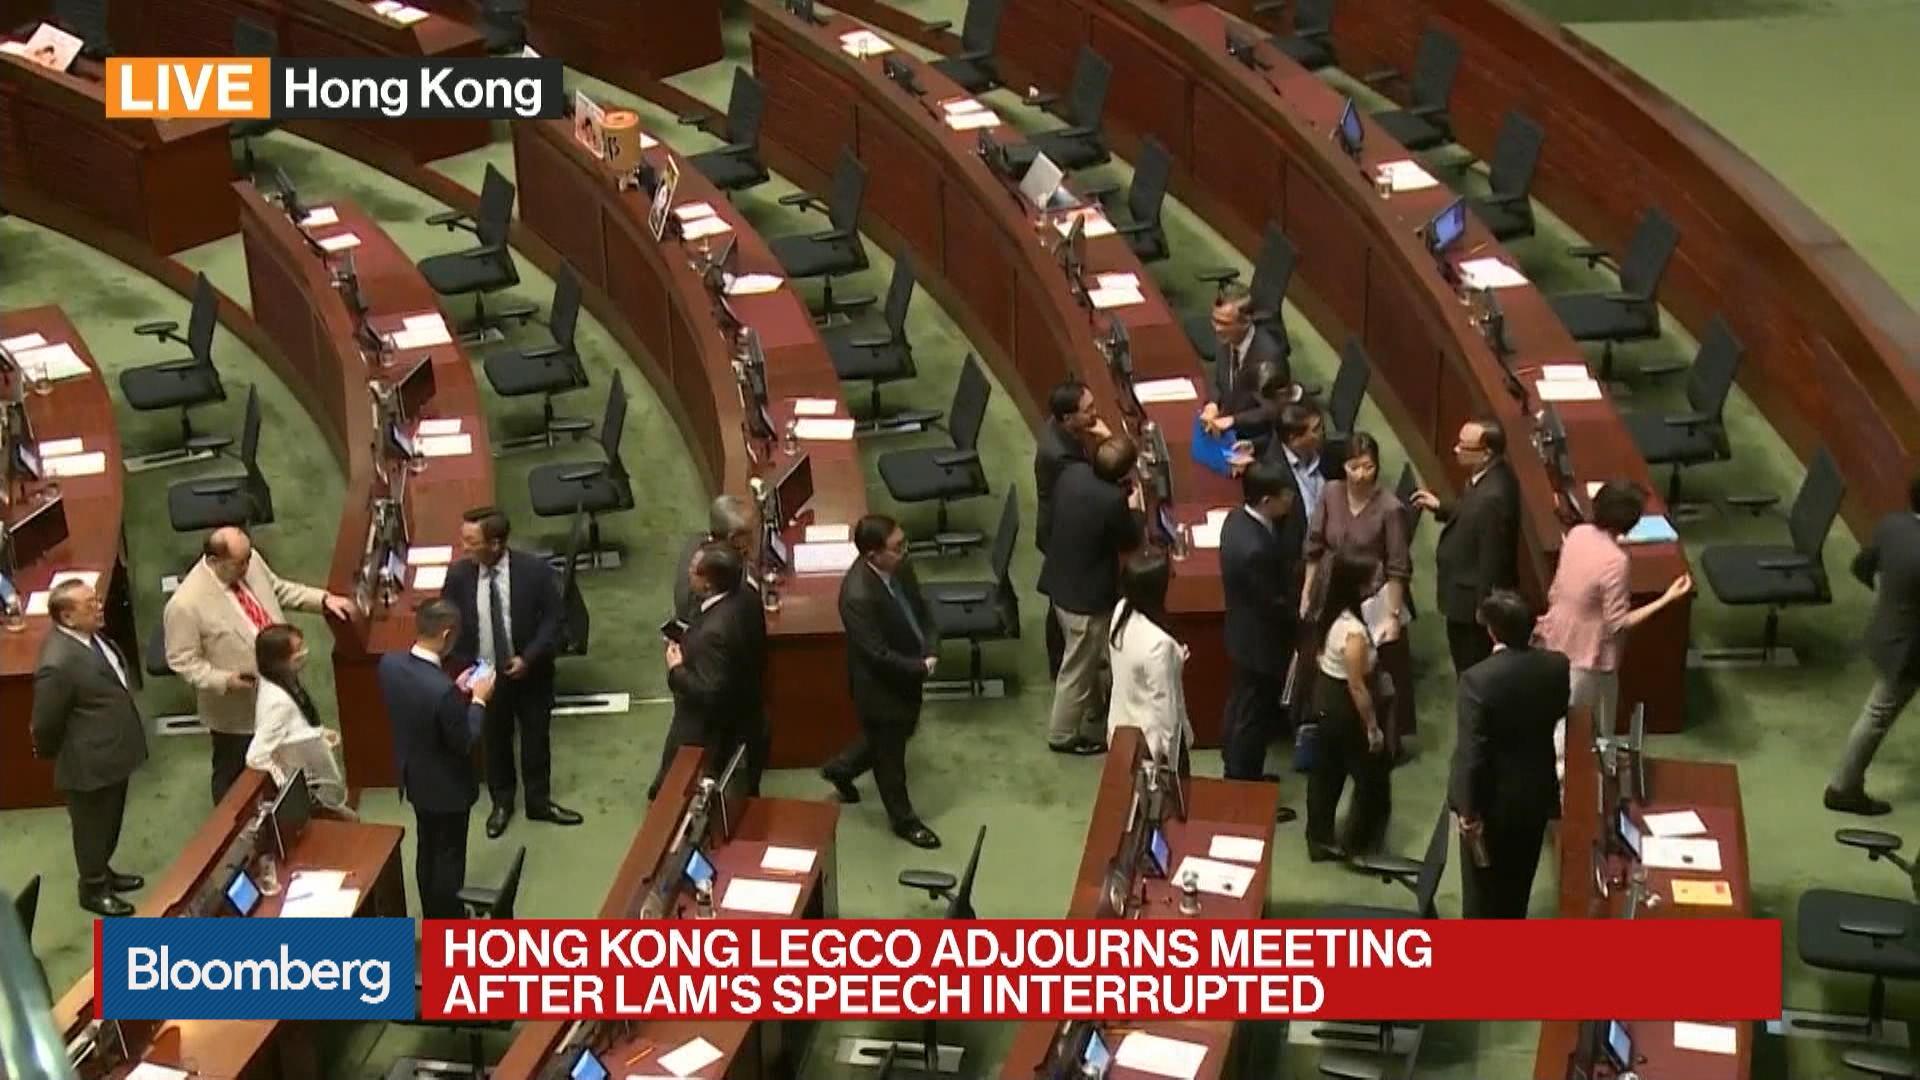 Hong Kong Legco Adjourns Meeting After Lam's Speech Interrupted